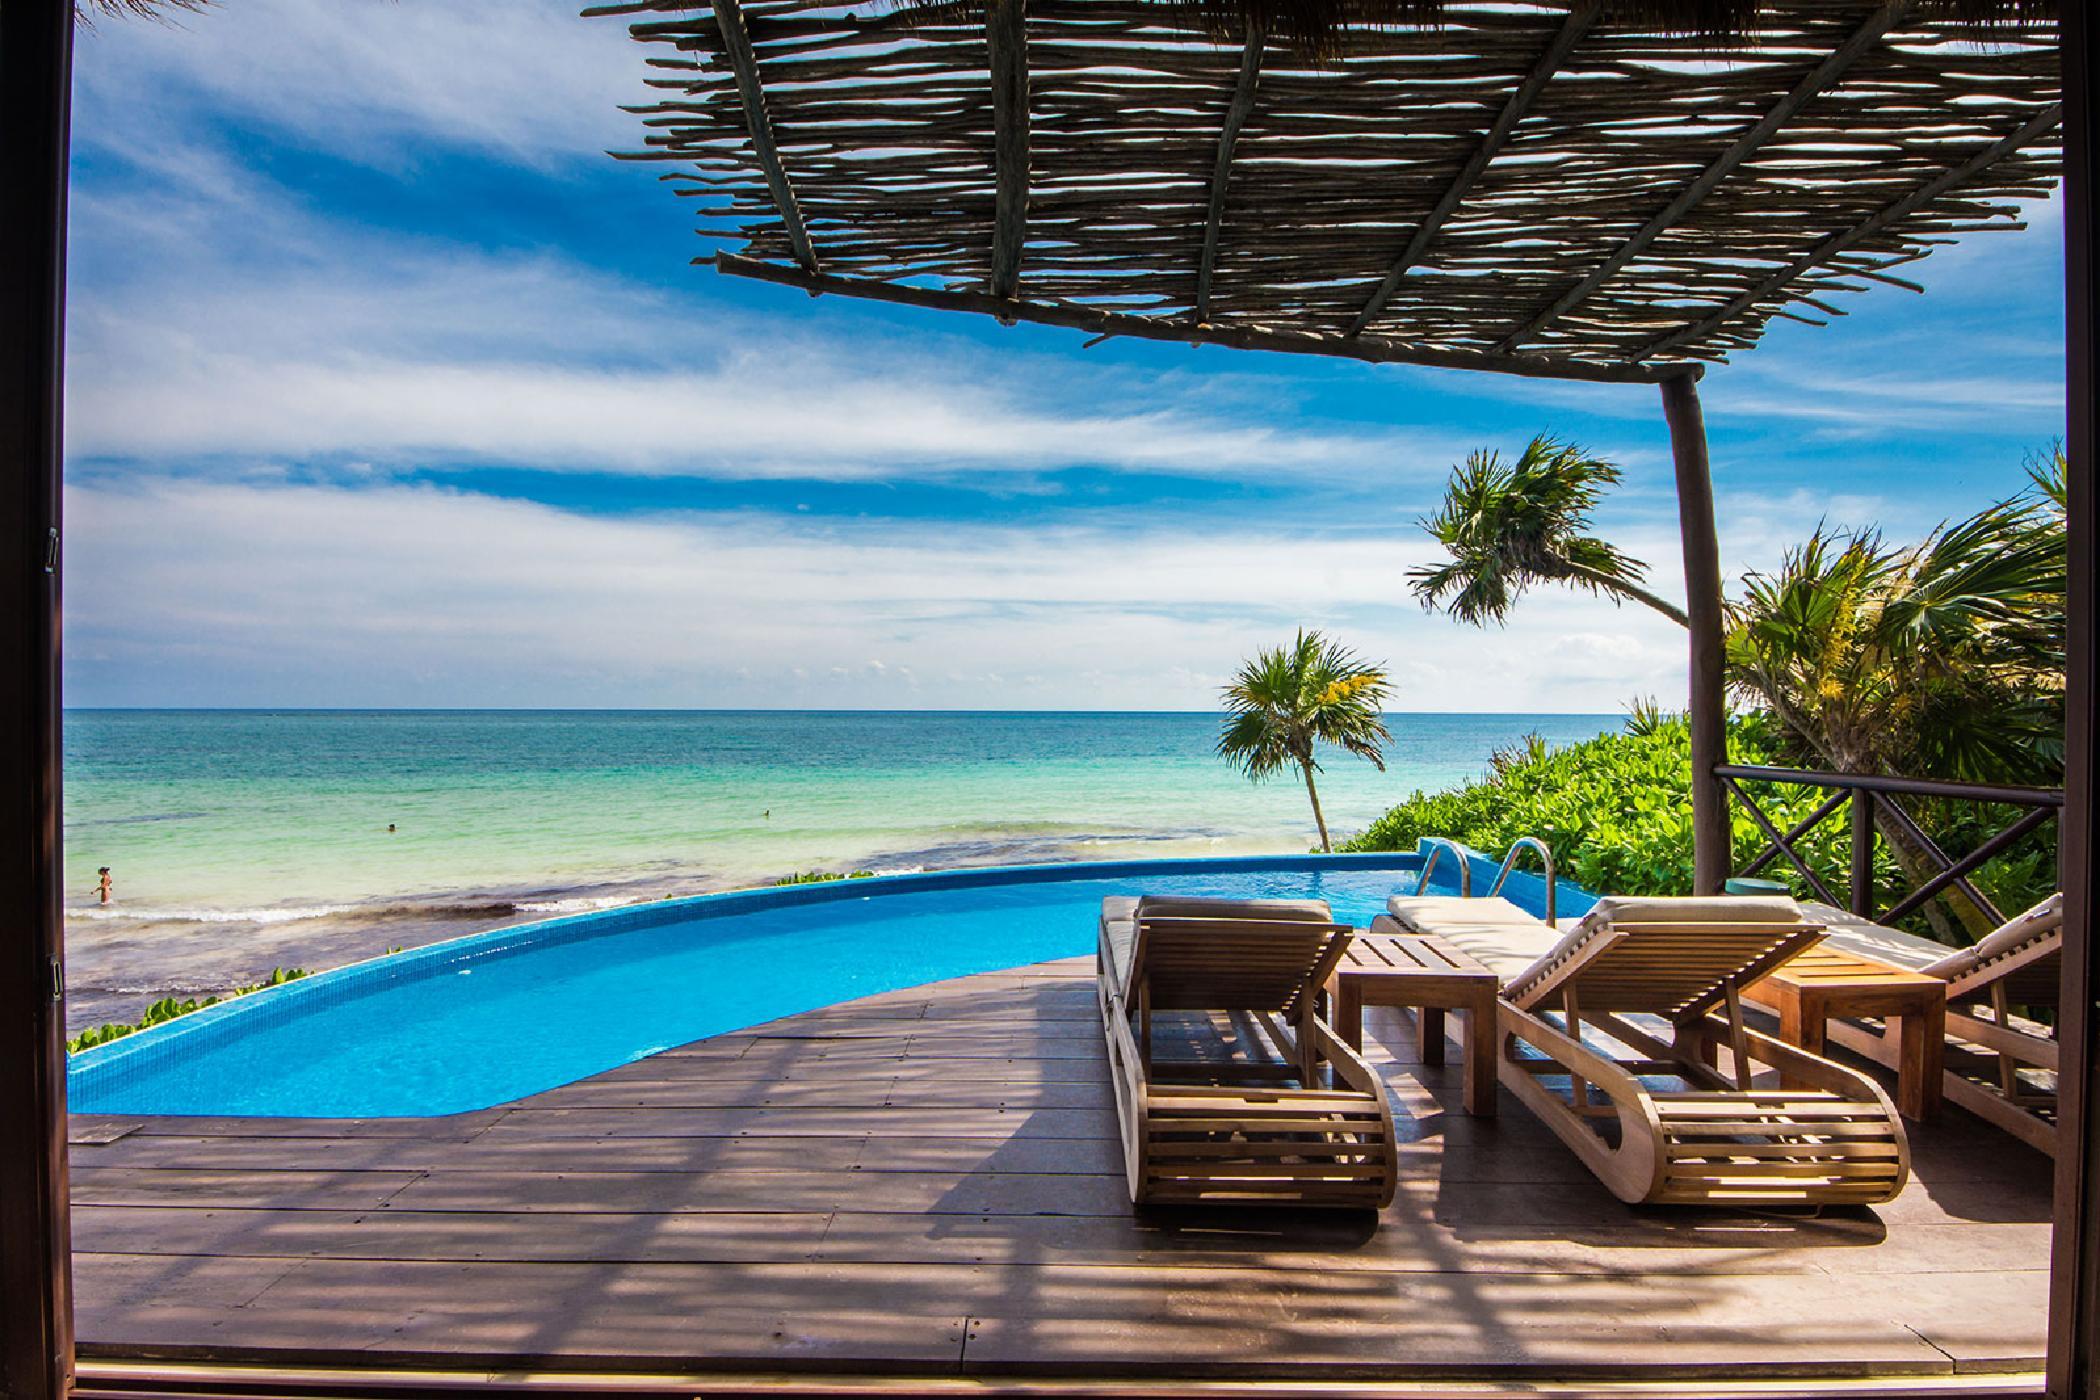 Maya_Luxe_Riviera_Maya_Luxury_Villas_Experiences_Tulum_Beach_5_Bedrooms_Villa_Miramar_13.jpg